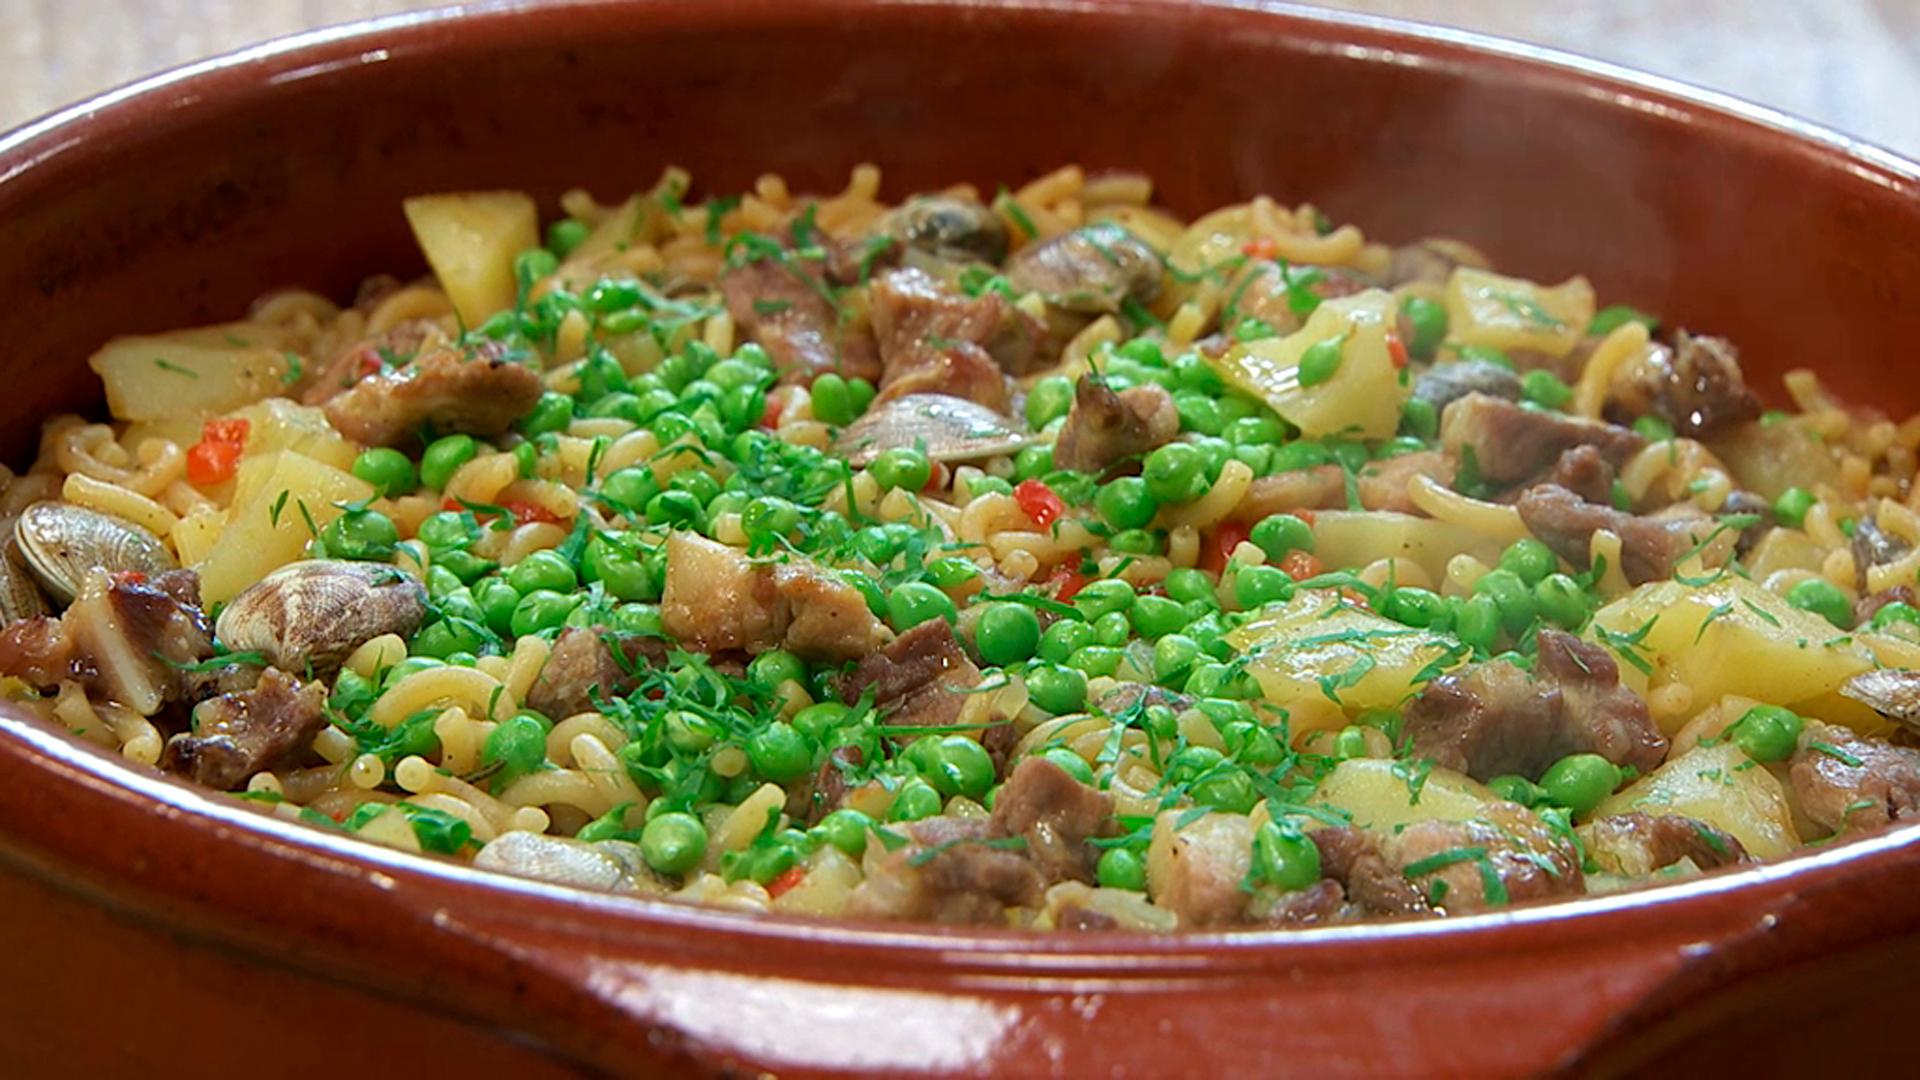 Torres en la cocina - Fideos a la cazuela con carne